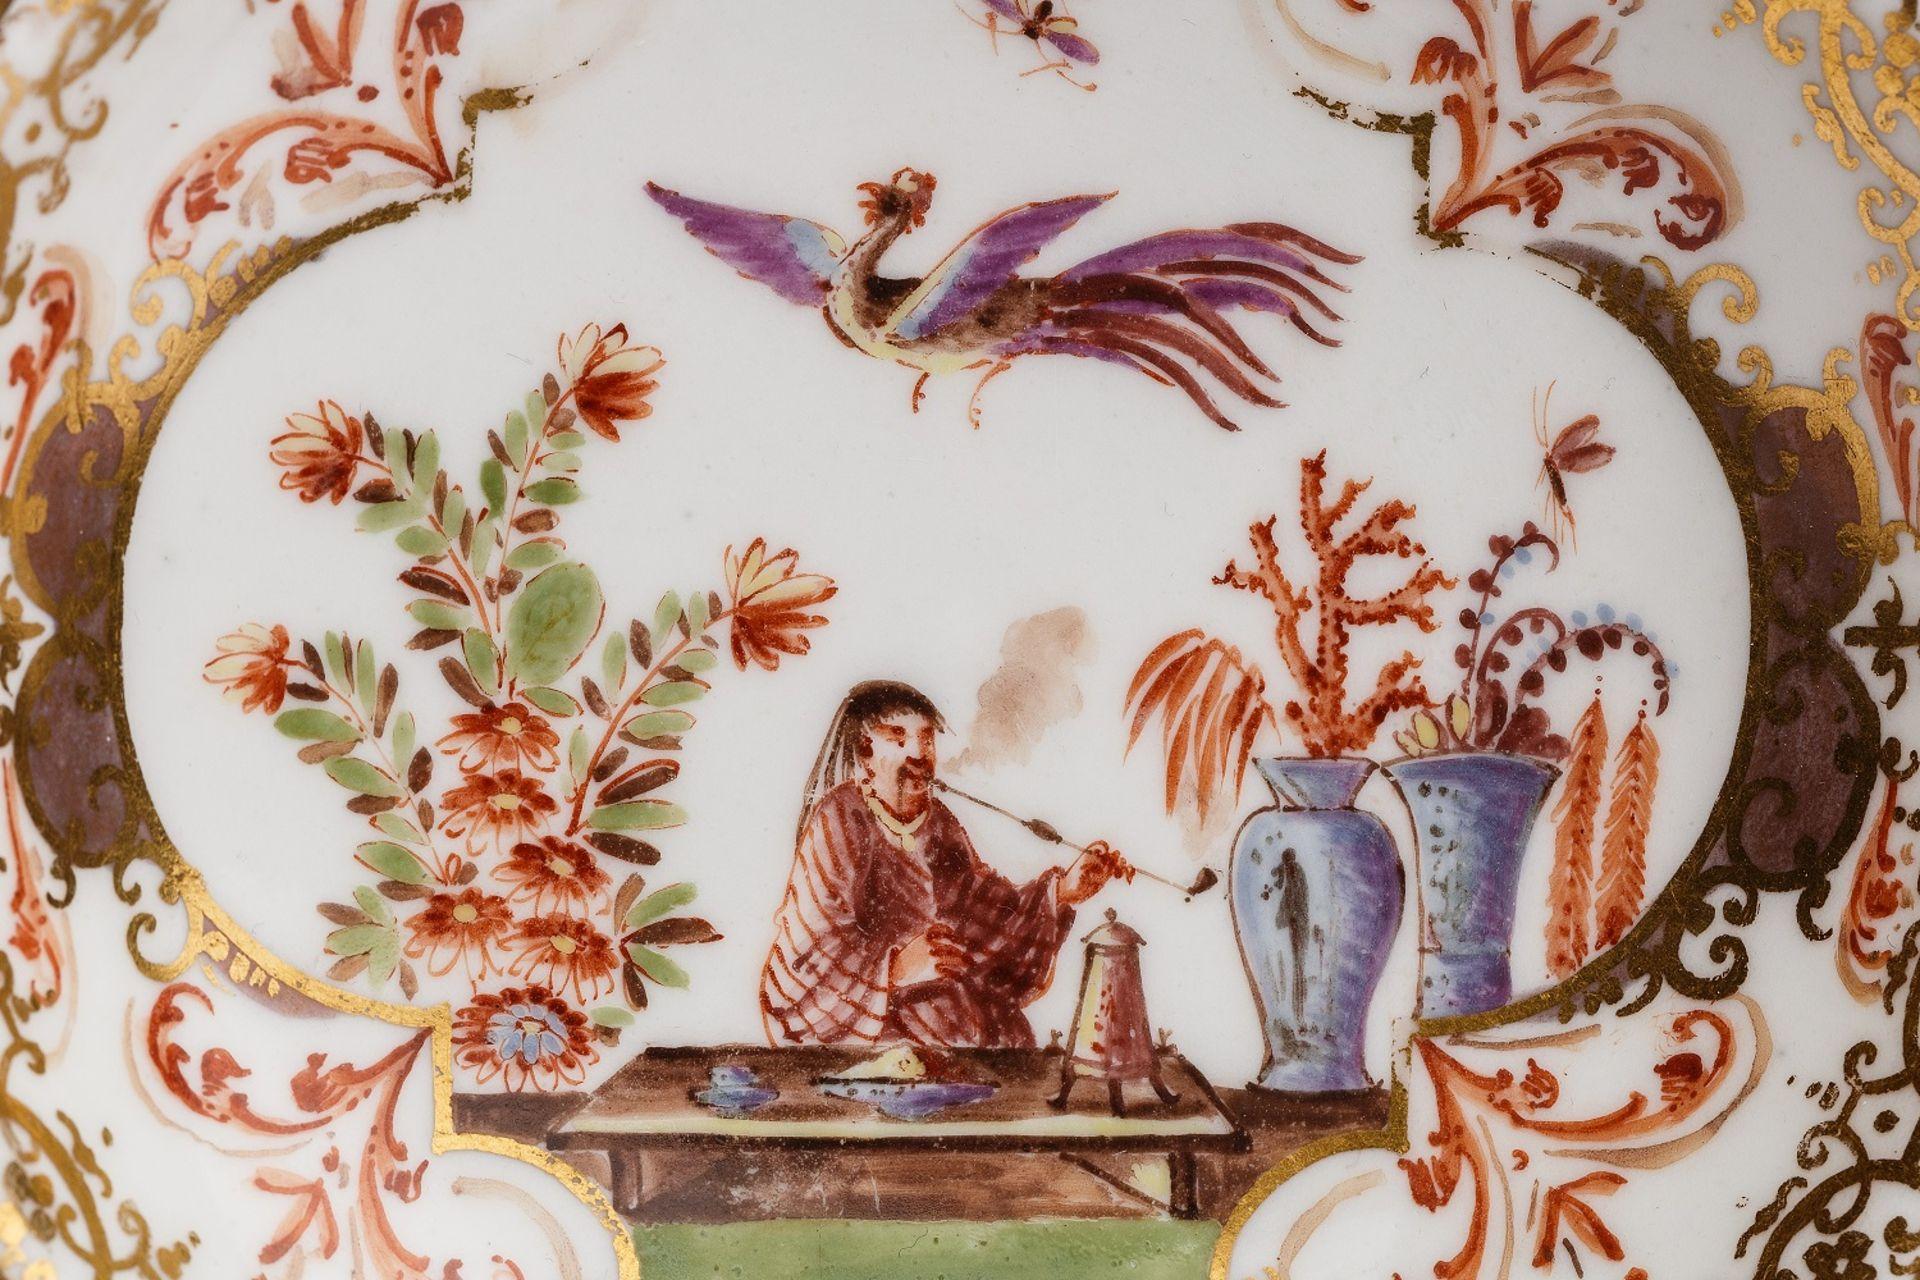 Koppchen mit Unterschale, Meissen 1730/35 - Bild 2 aus 5